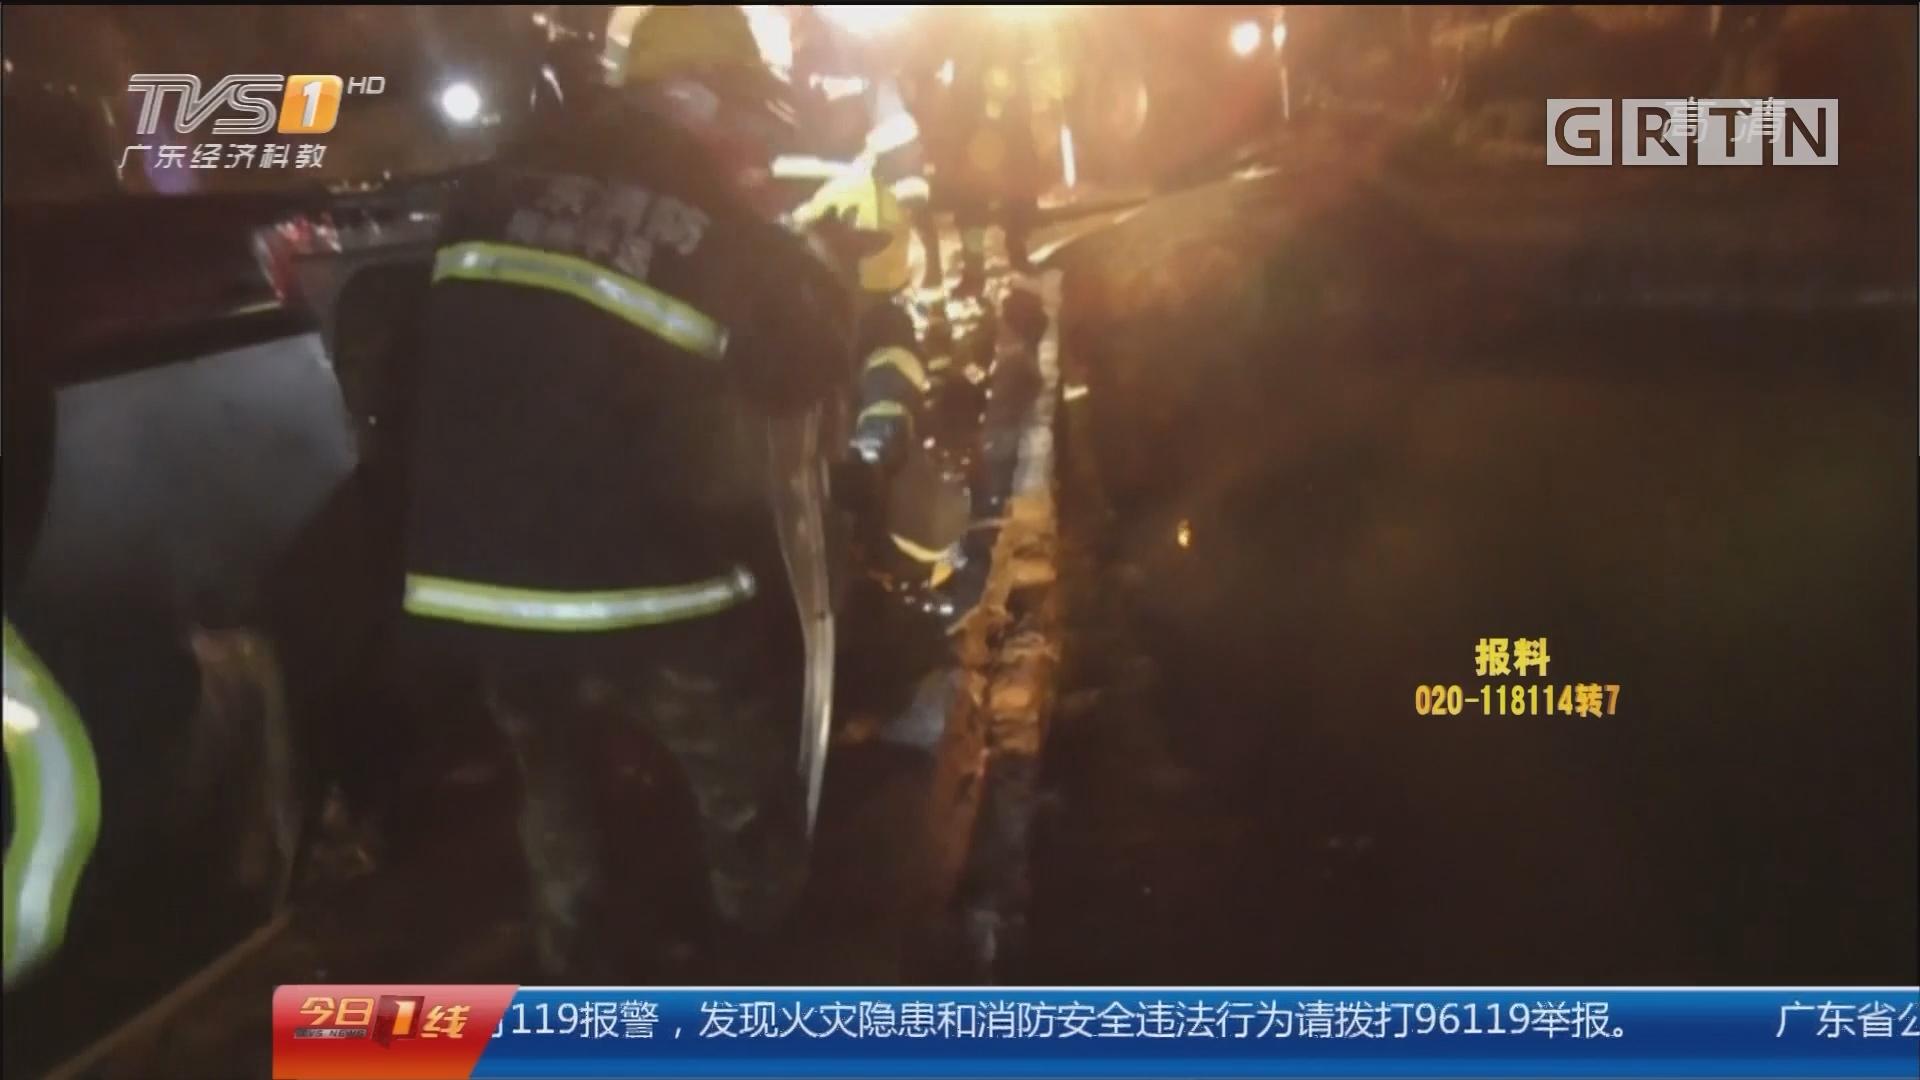 关注交通安全 梅州:雨夜轿车冲入池塘 2人遇难